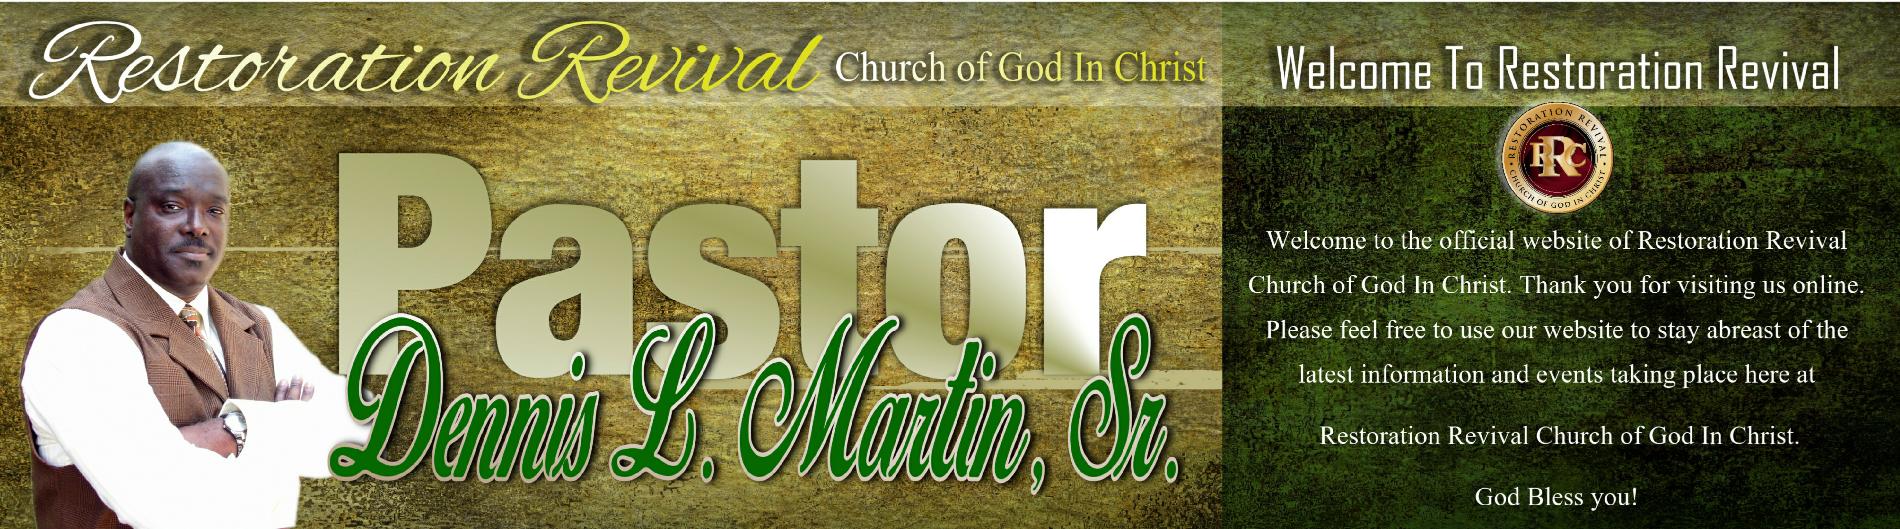 Co-Pastor Martin